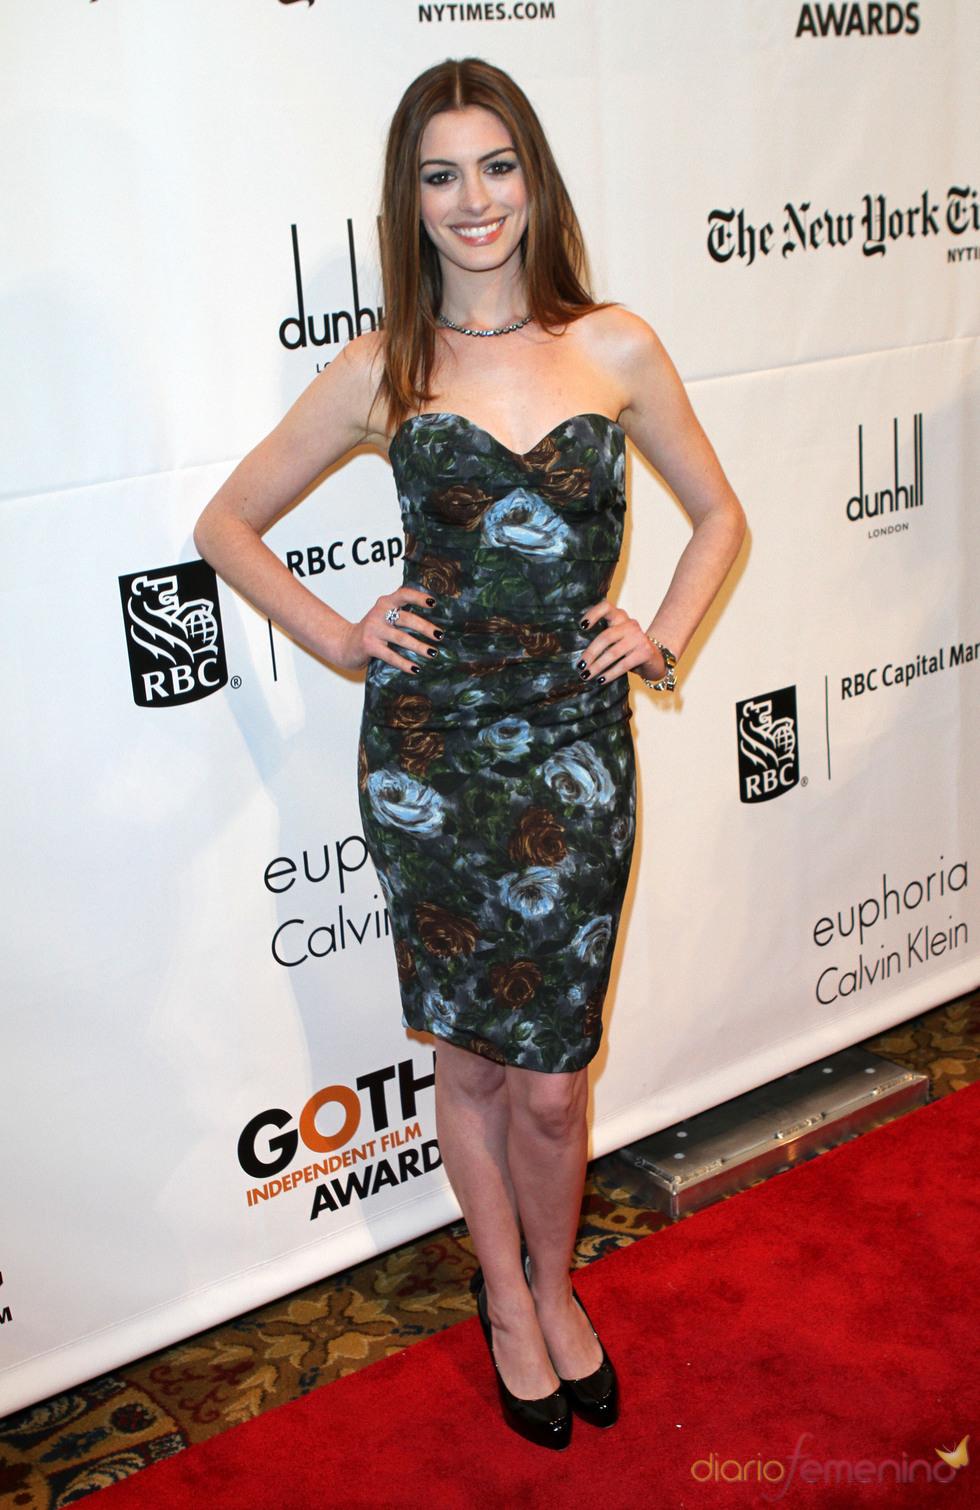 Anne Hathaway en la ceremonia de los premios Gotham en Nueva York